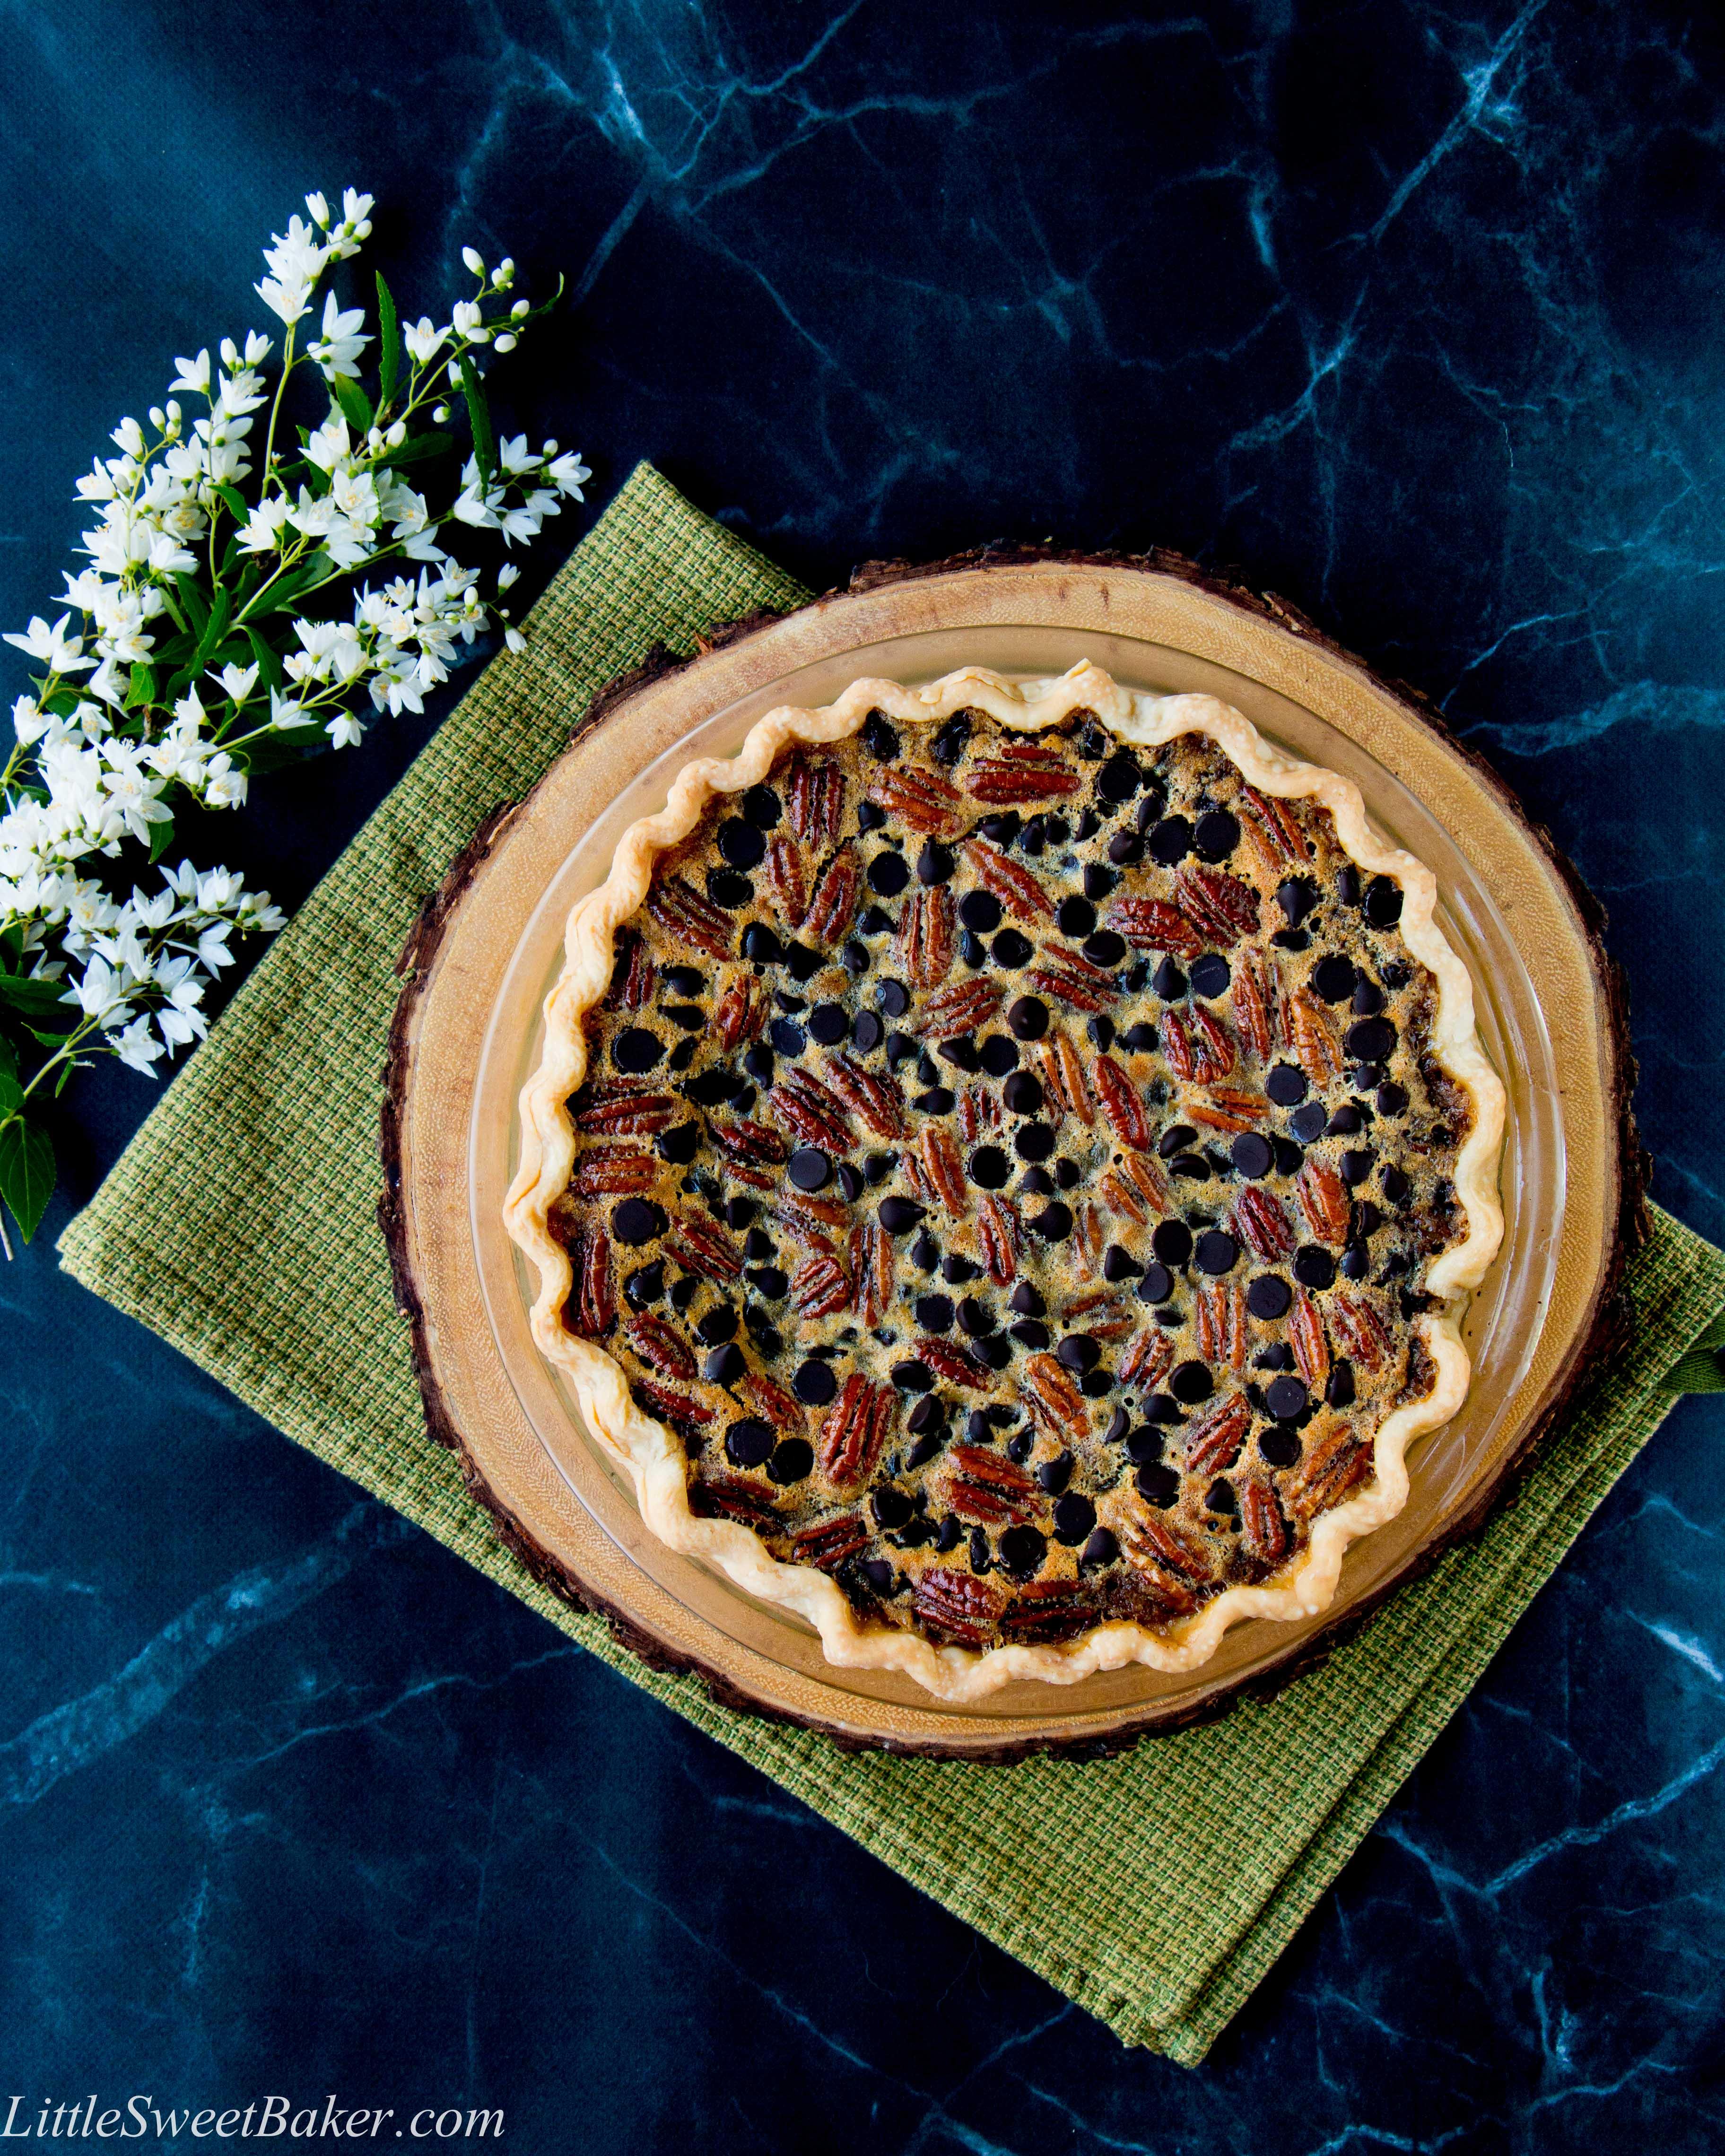 Chocolate Pecan Pie - Little Sweet Baker